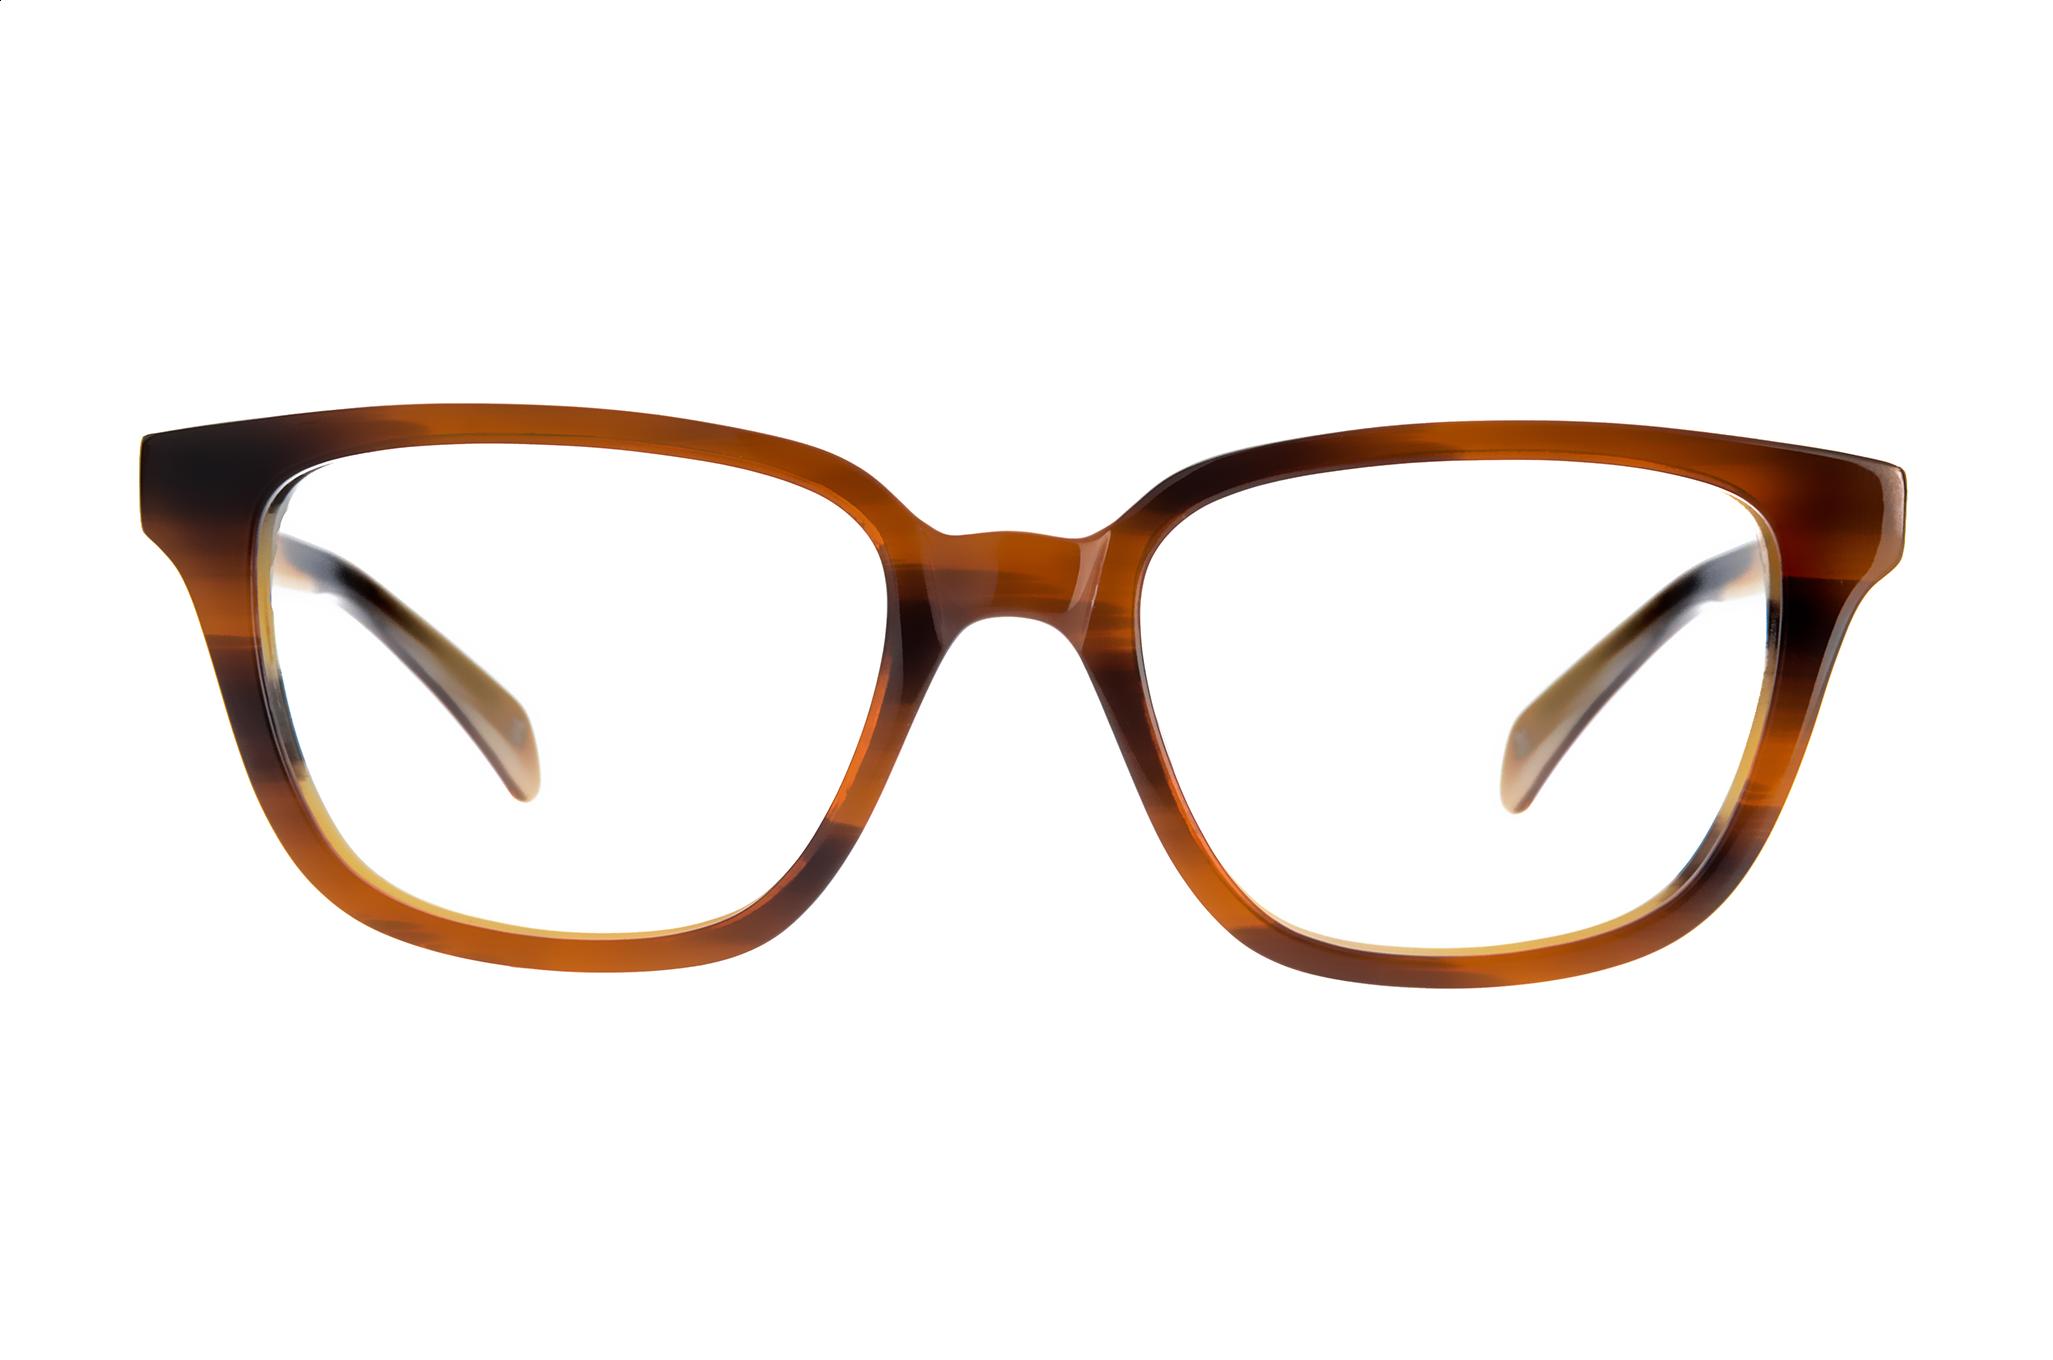 Glasses Png Image Glasses New Glasses Eyeglasses